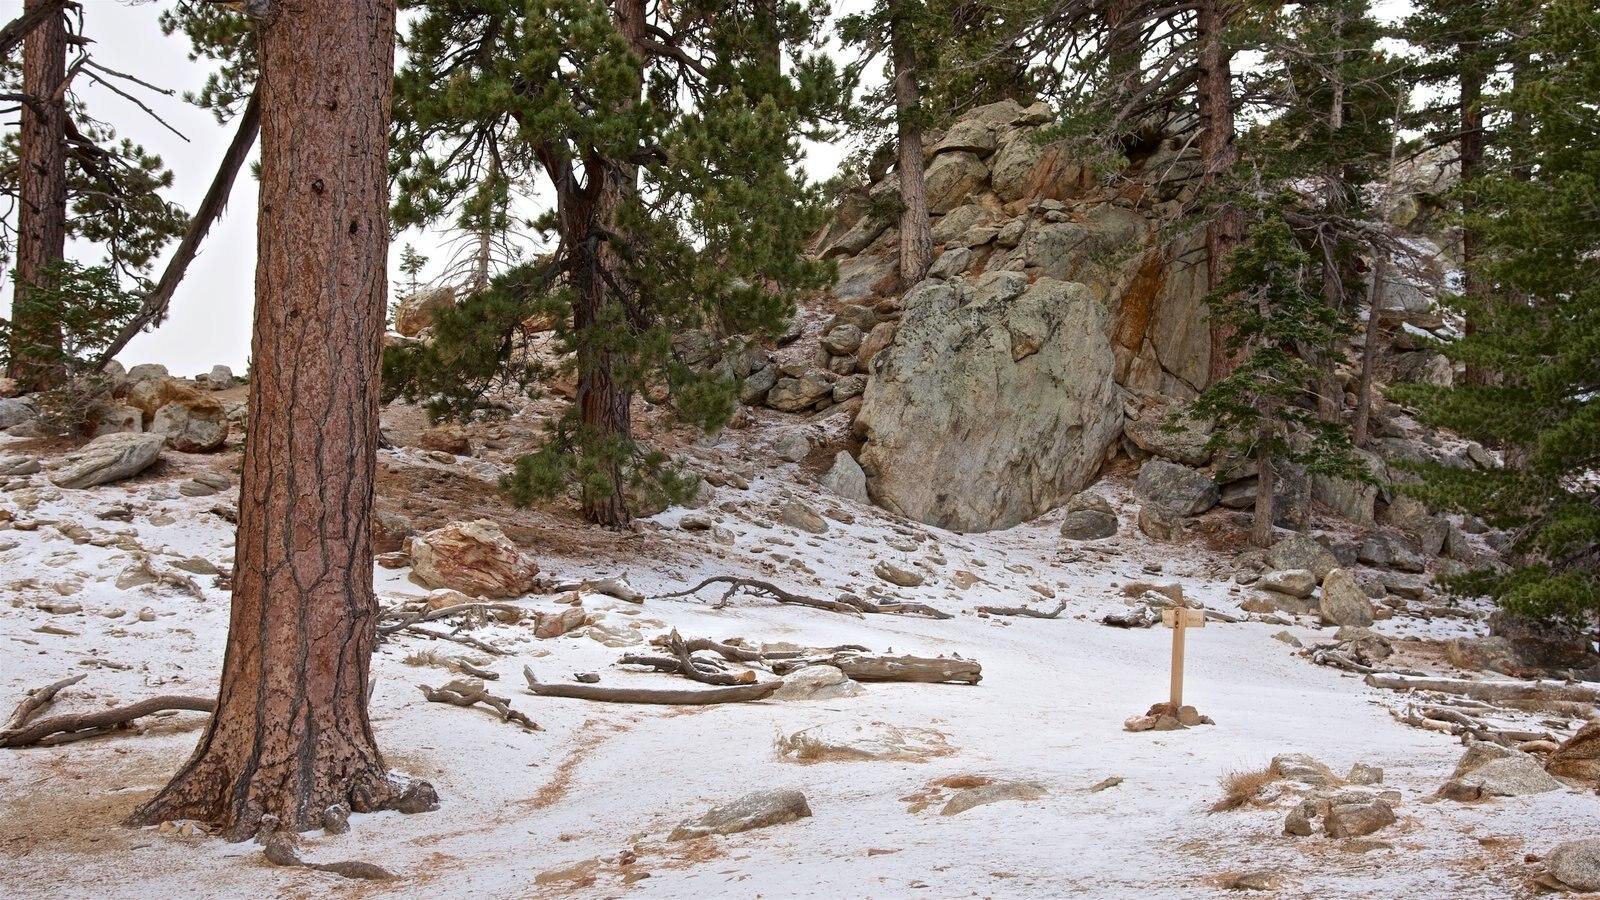 Parque estatal Mount San Jacinto que incluye bosques y nieve